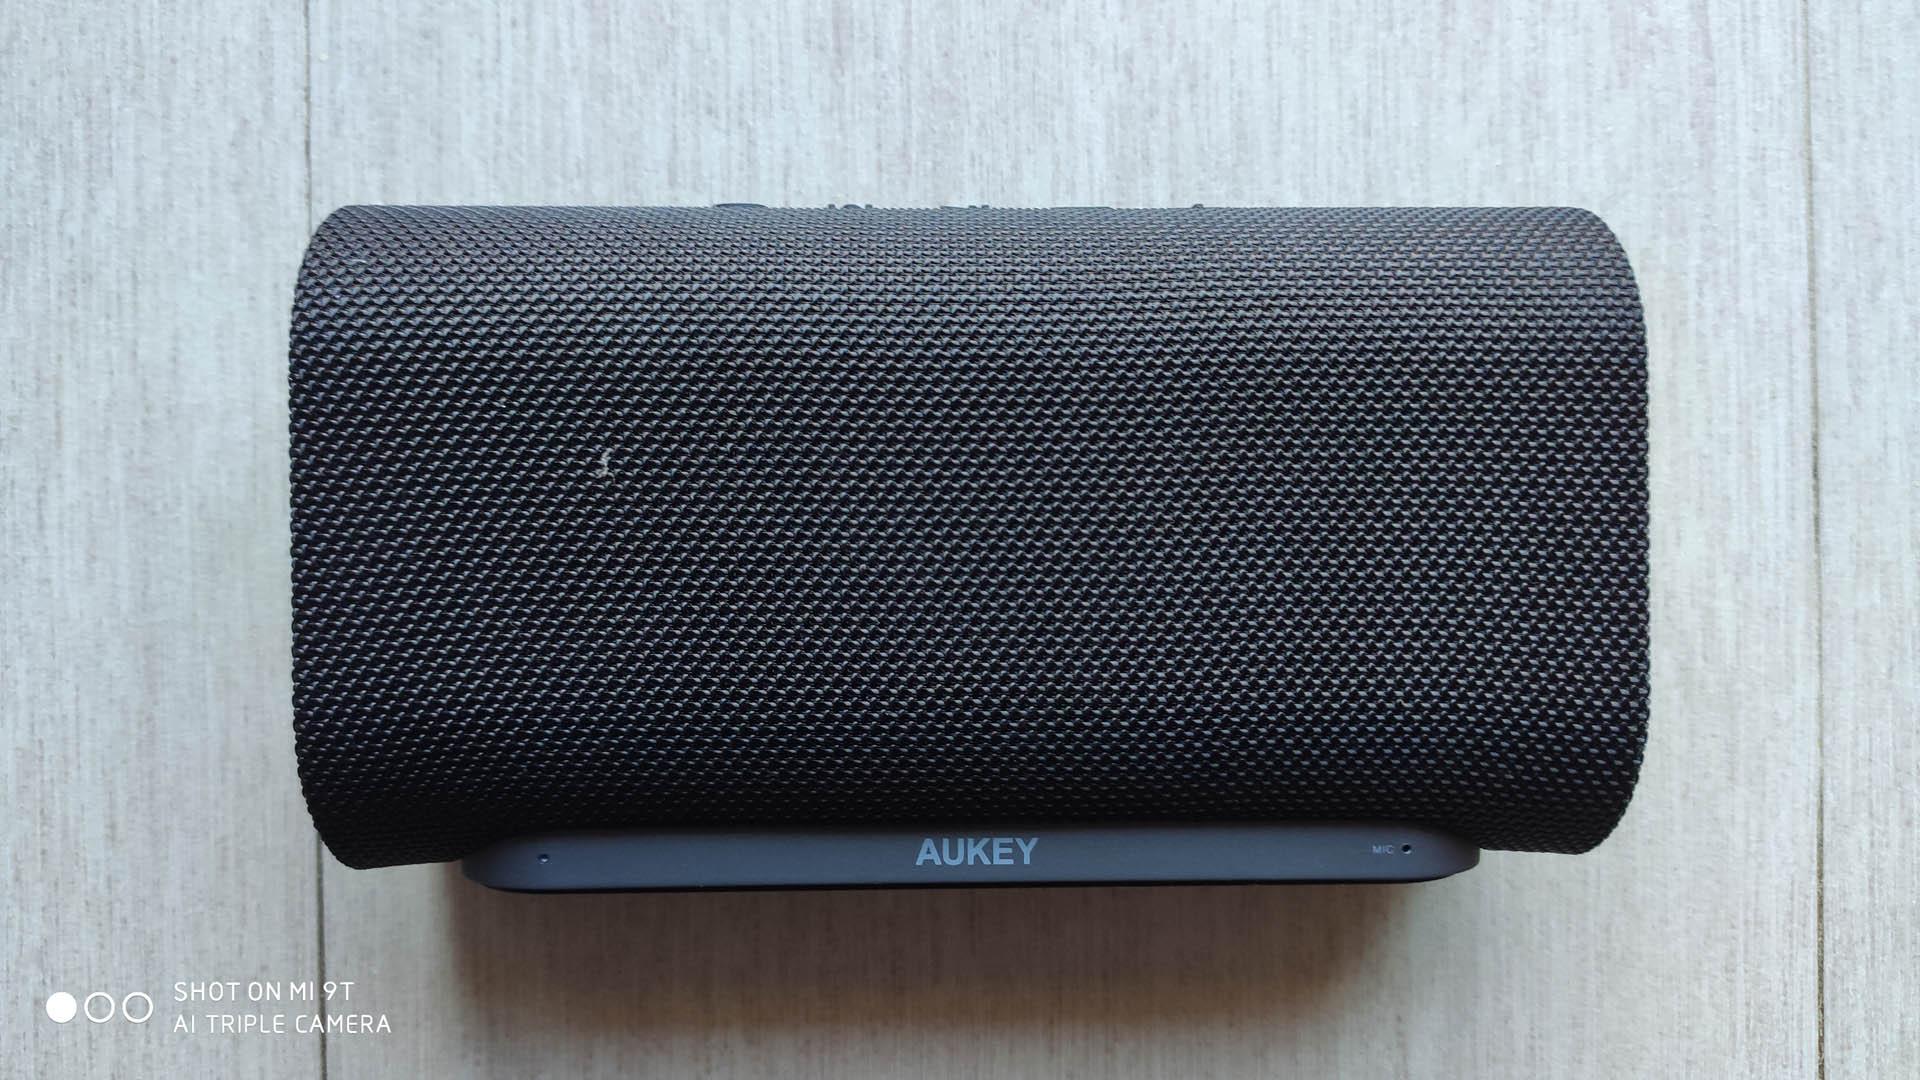 Recensione Aukey SK-M30: ottimi bassi e potenza da vendere 1